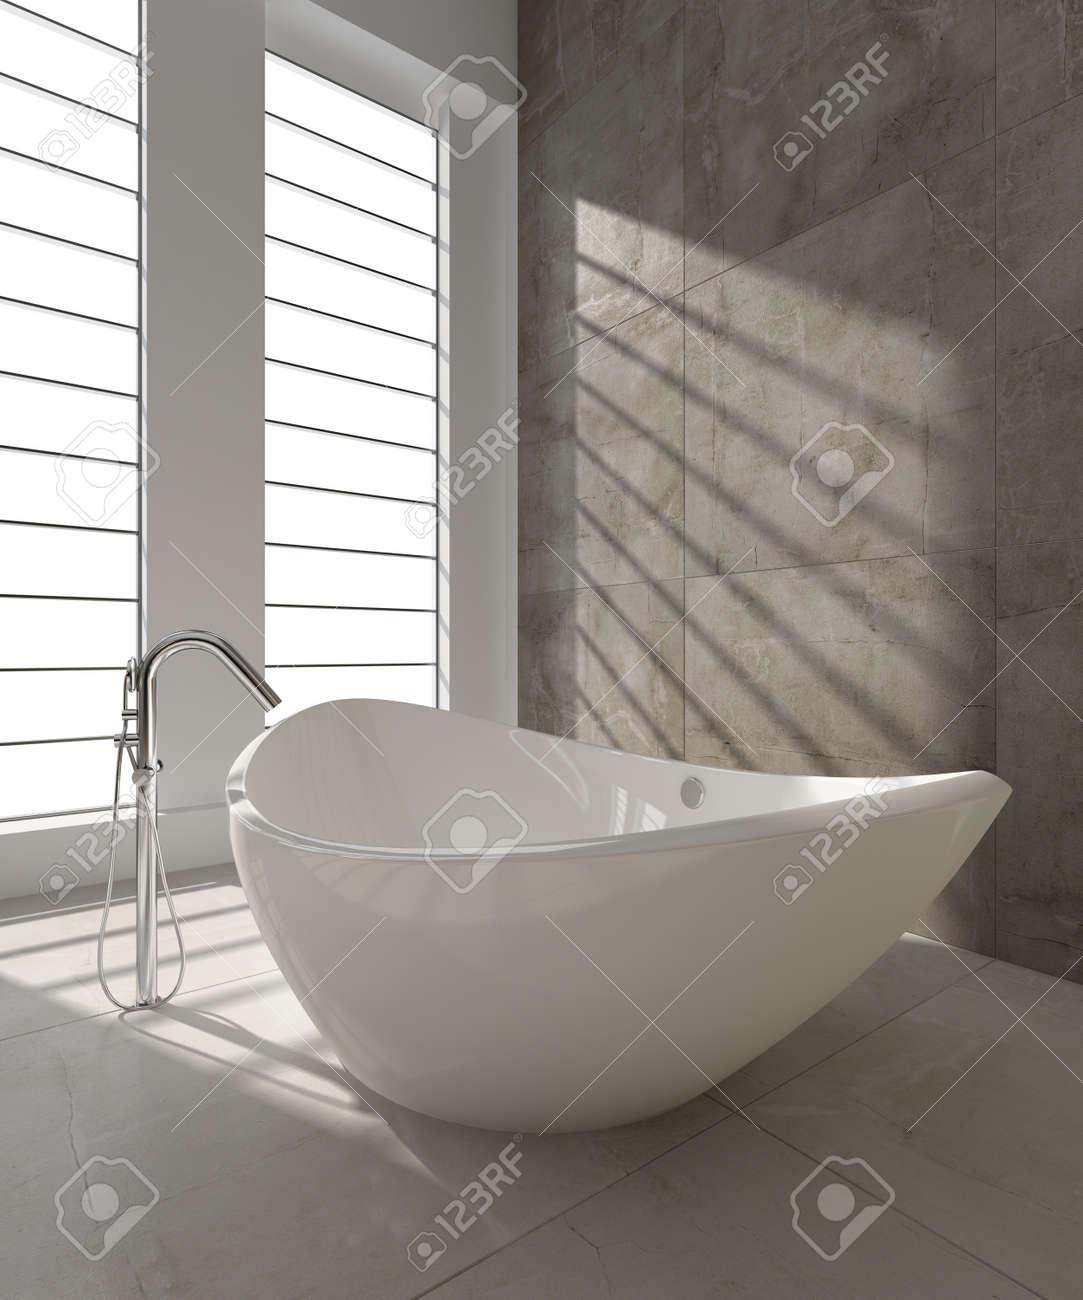 f643c3131f vasca da bagno moderno un rendering d di vasca da bagno moderno foto  royalty free with vasche da bagno moderne.